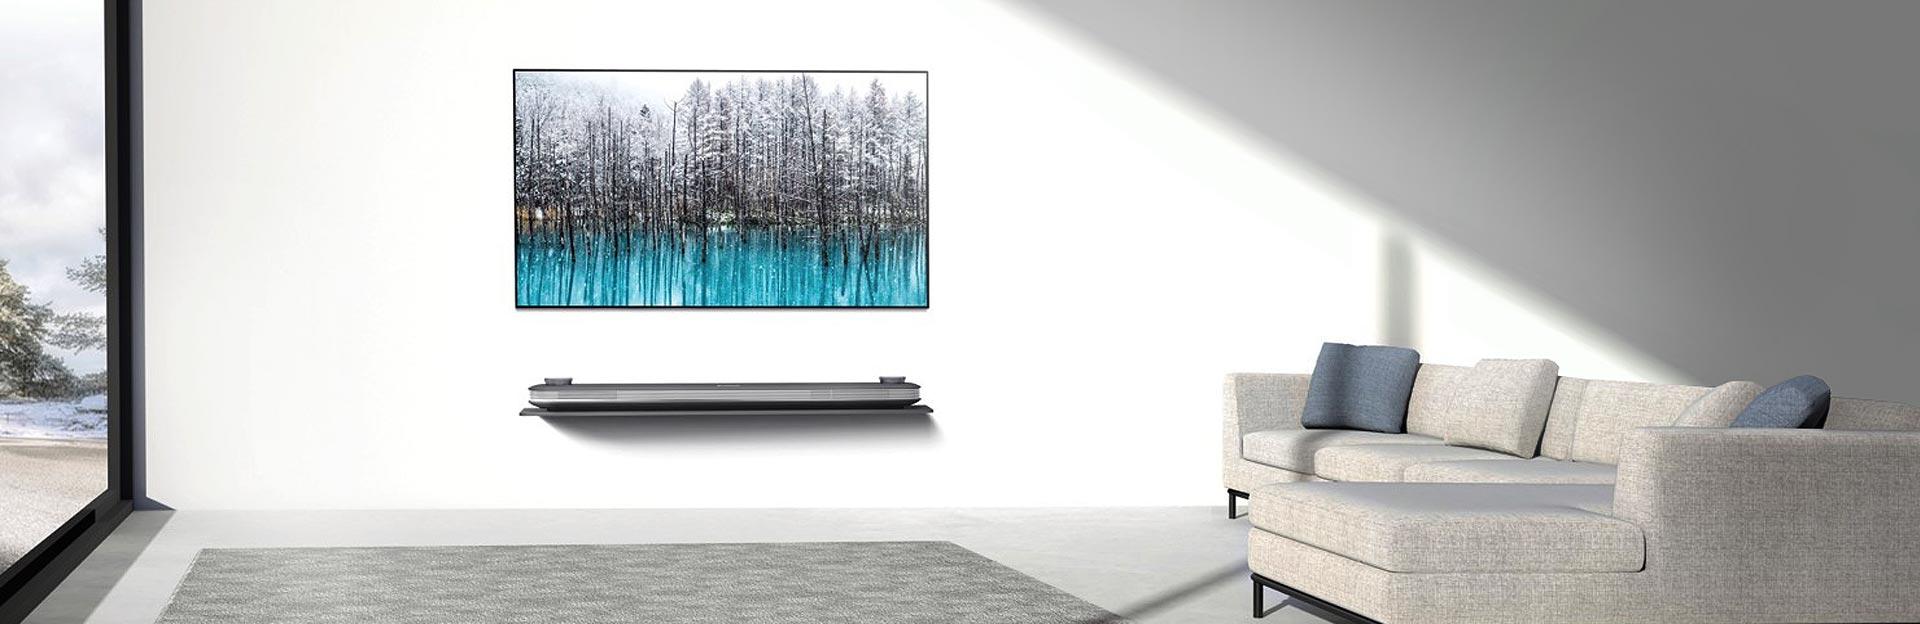 Telewizory OLED - technologia przyszłości? Jakie modele aktualnie warto kupić? 22